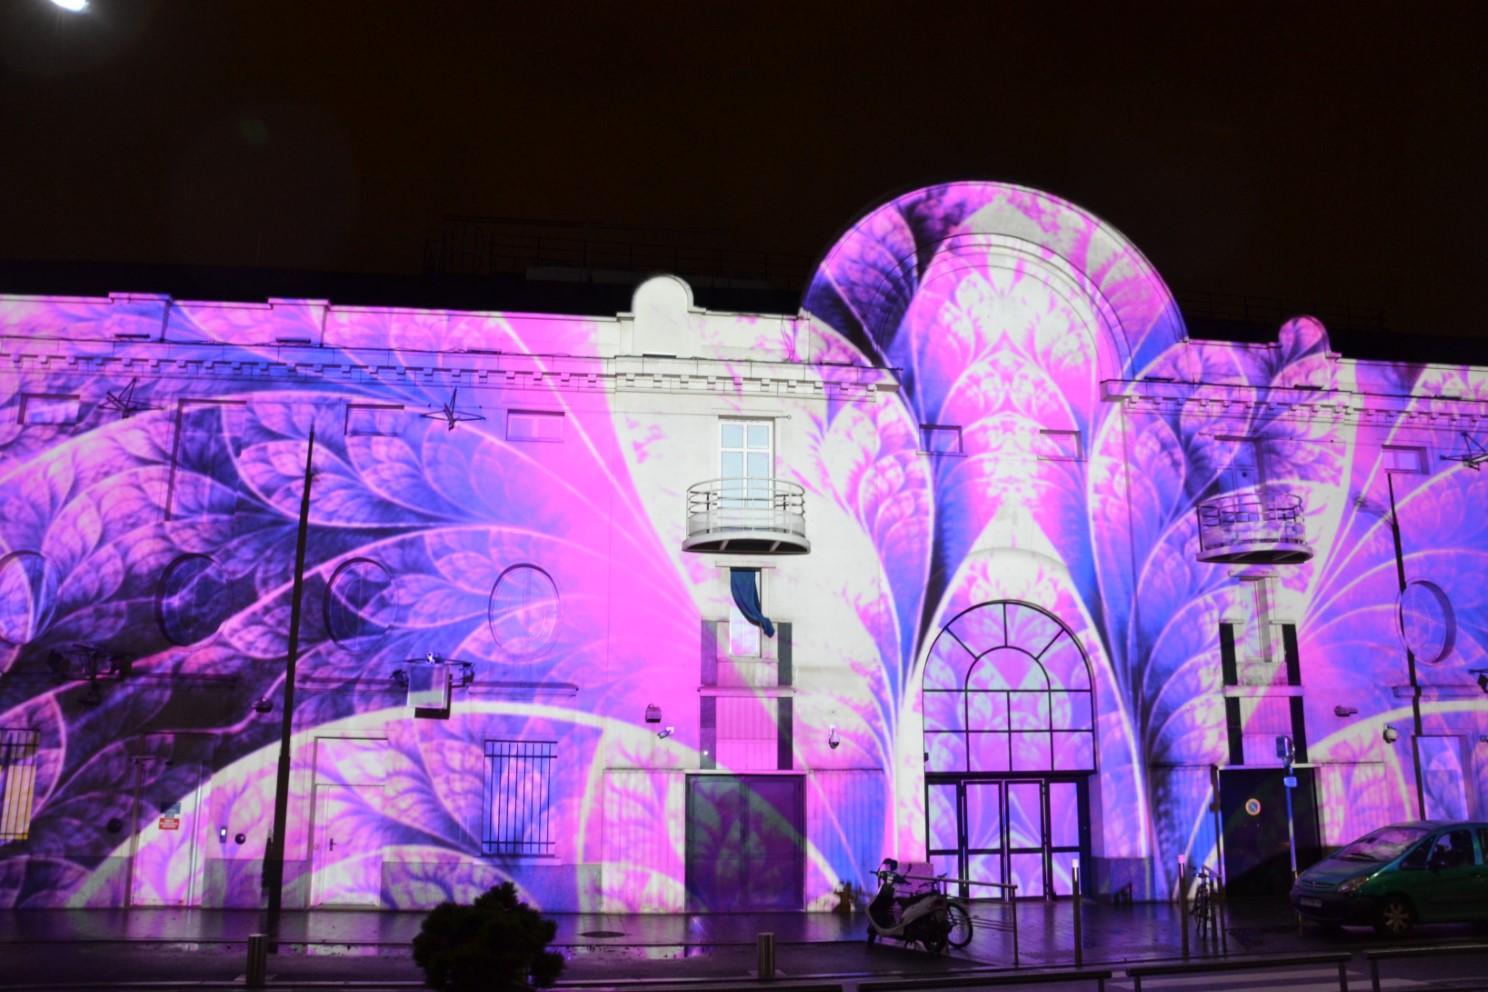 Décembre 2018 - Projections monumentales à Enghien